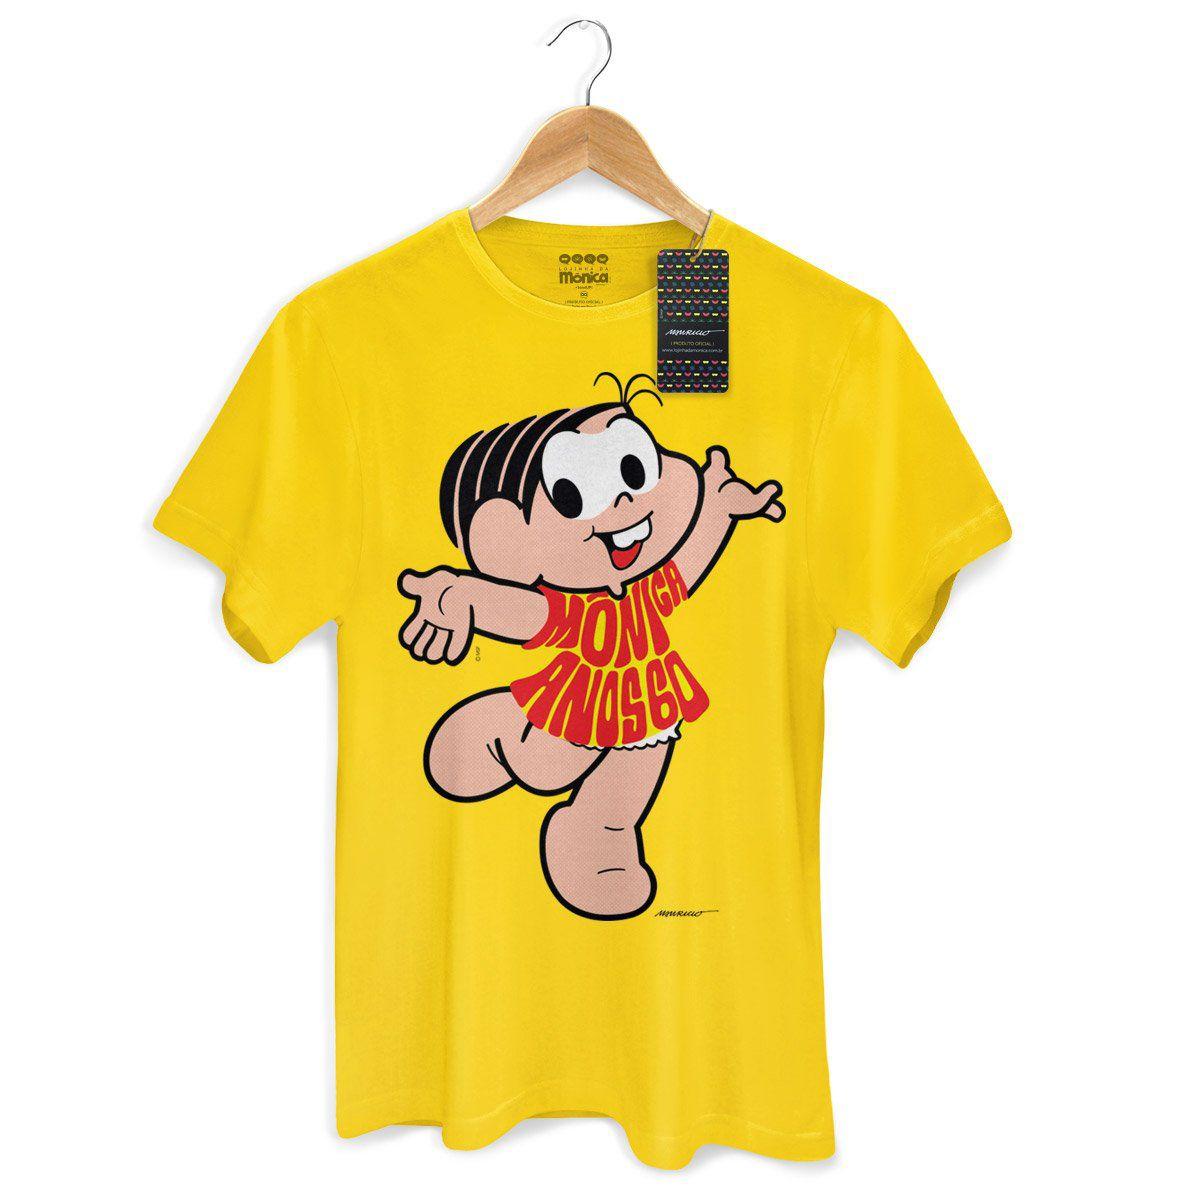 Camiseta Masculina Turma da Mônica 50 Anos Modelo 5 Anos 60